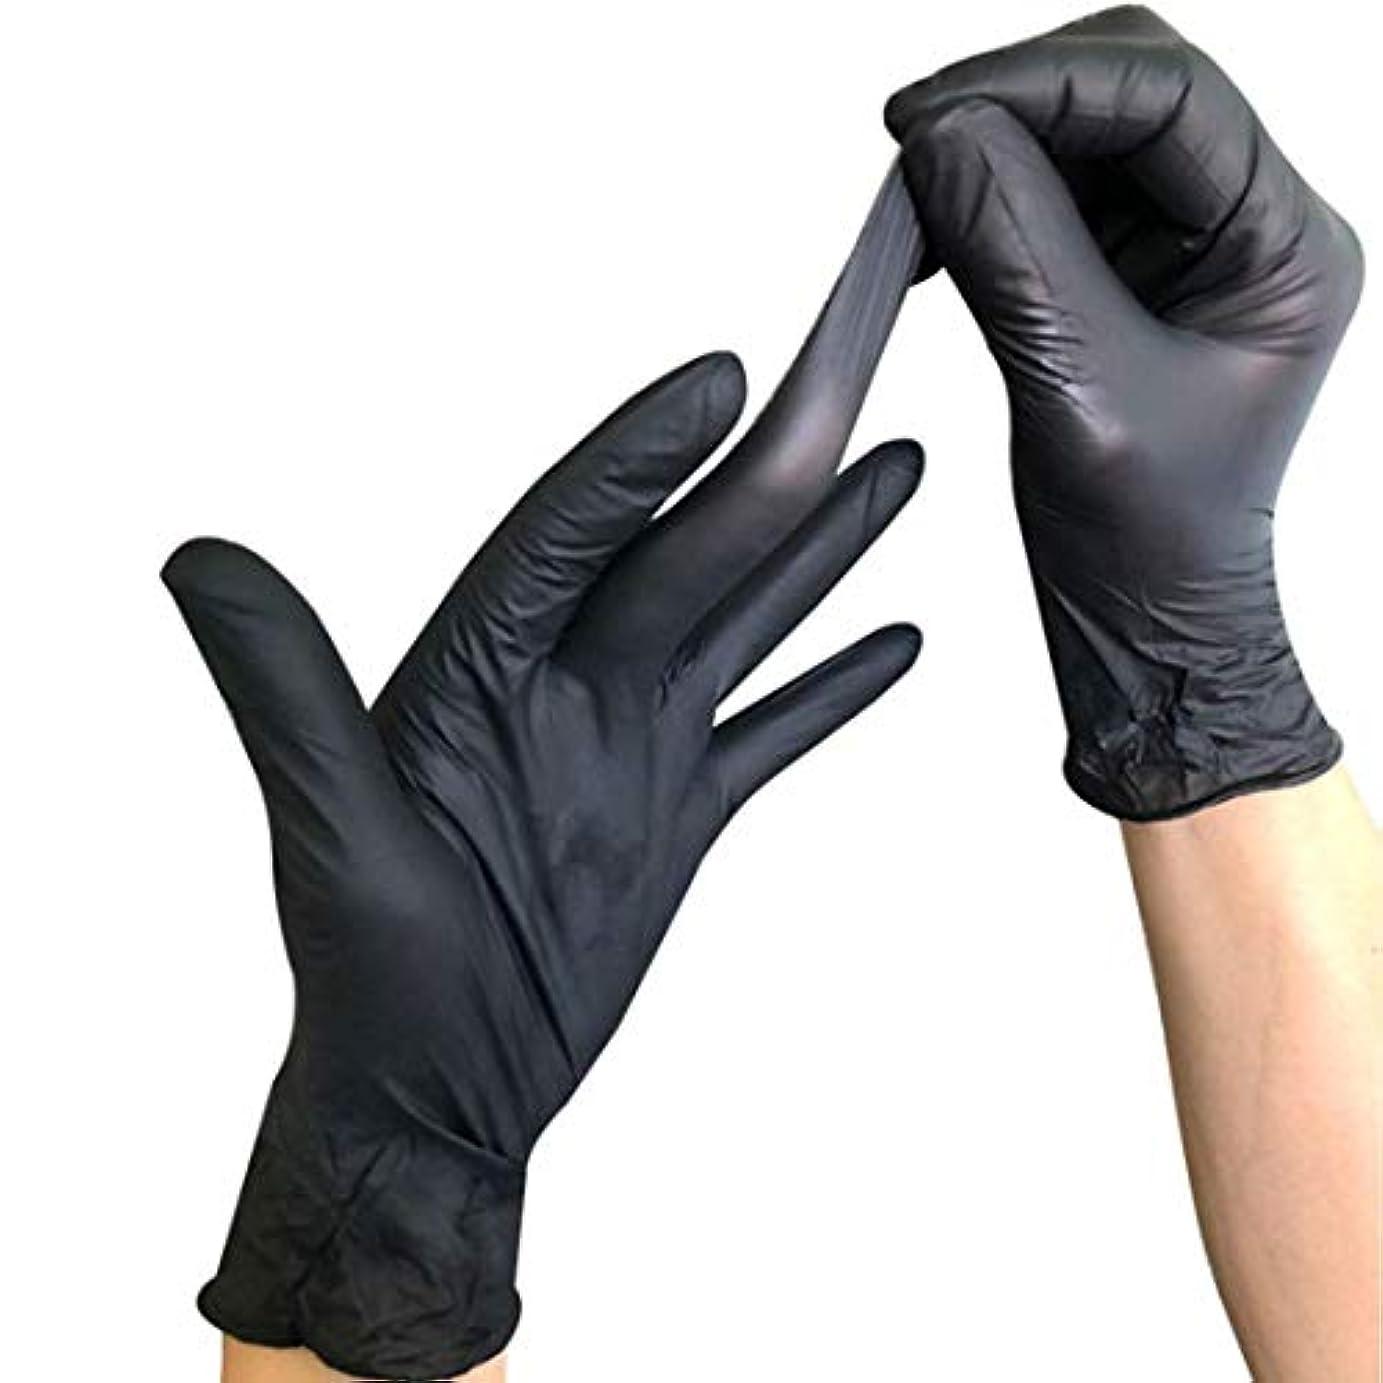 ダニ祝福詐欺使い捨て手袋 ニトリル手袋 厚手防水 耐油 耐久性が強い上に軽く高品質黒 100枚